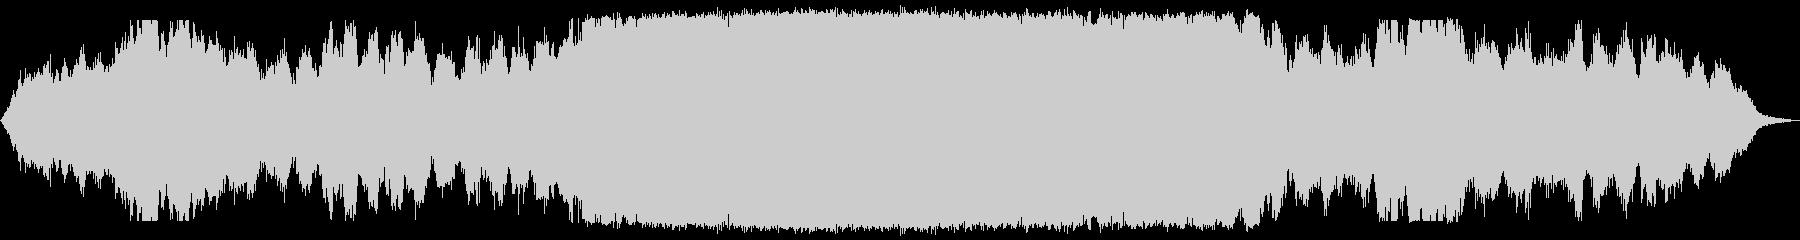 轟音のあるダークアンビエントの未再生の波形